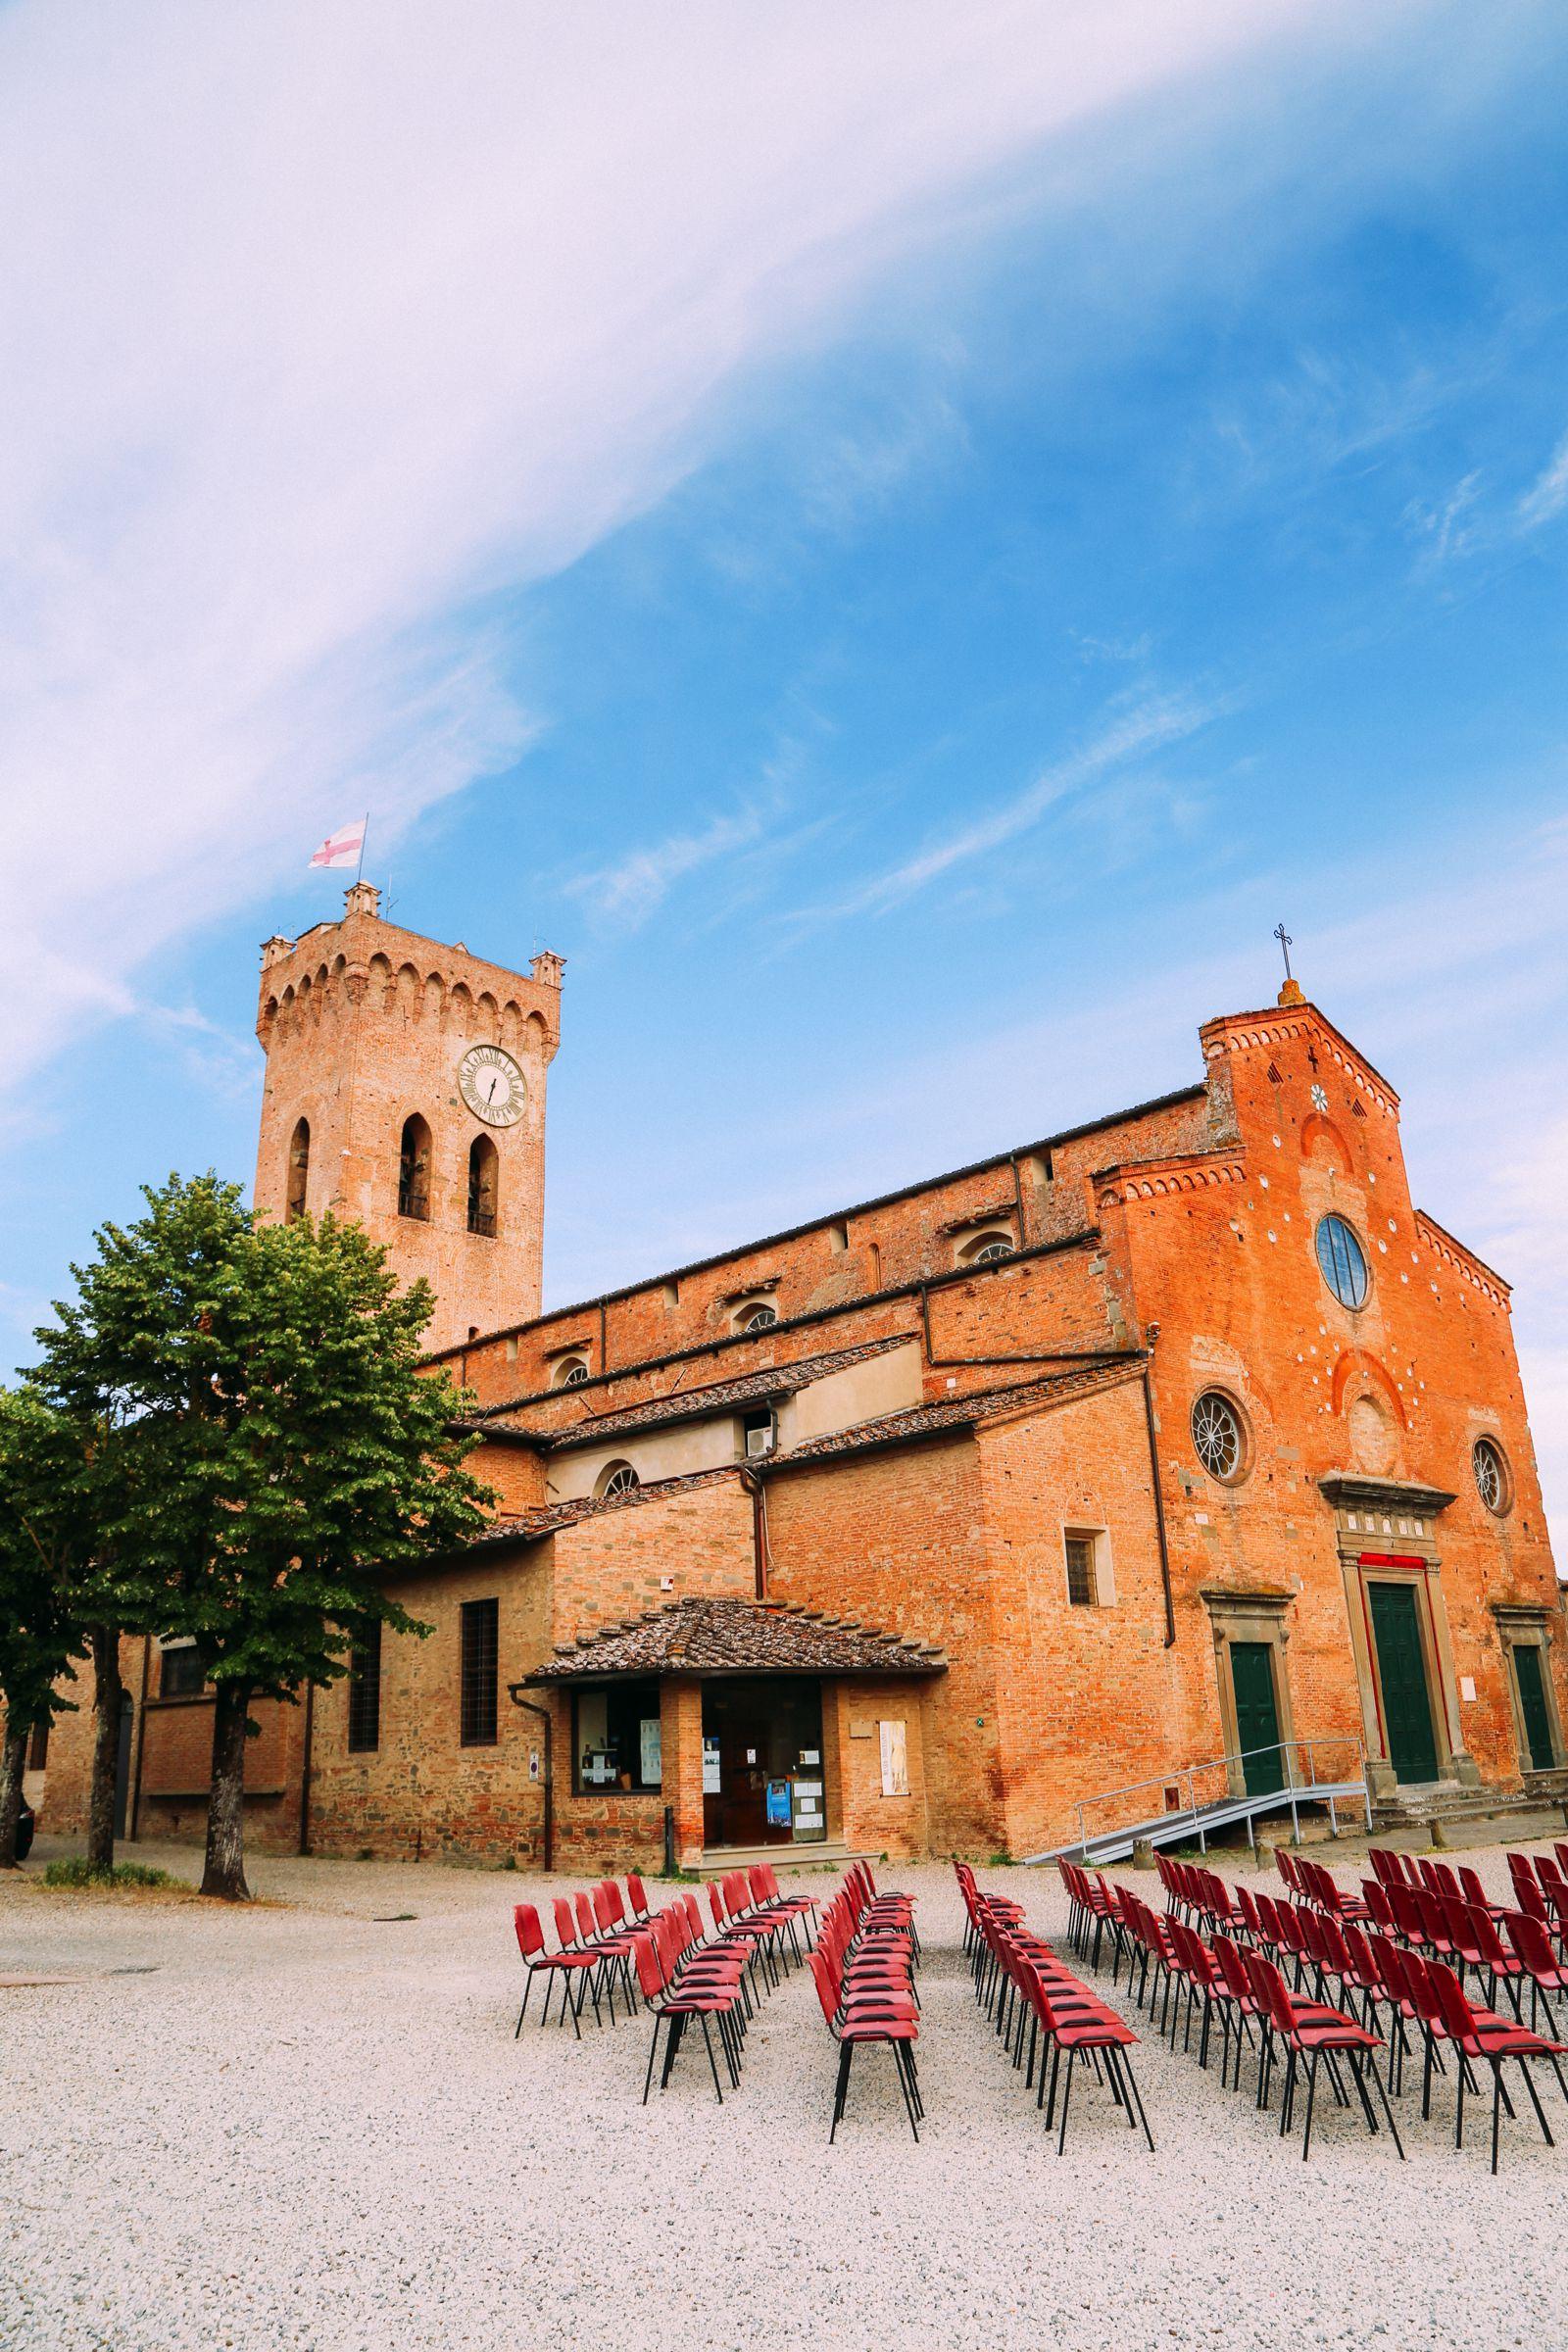 The Beautiful Tuscan Town Of San Miniato, Italy (13)